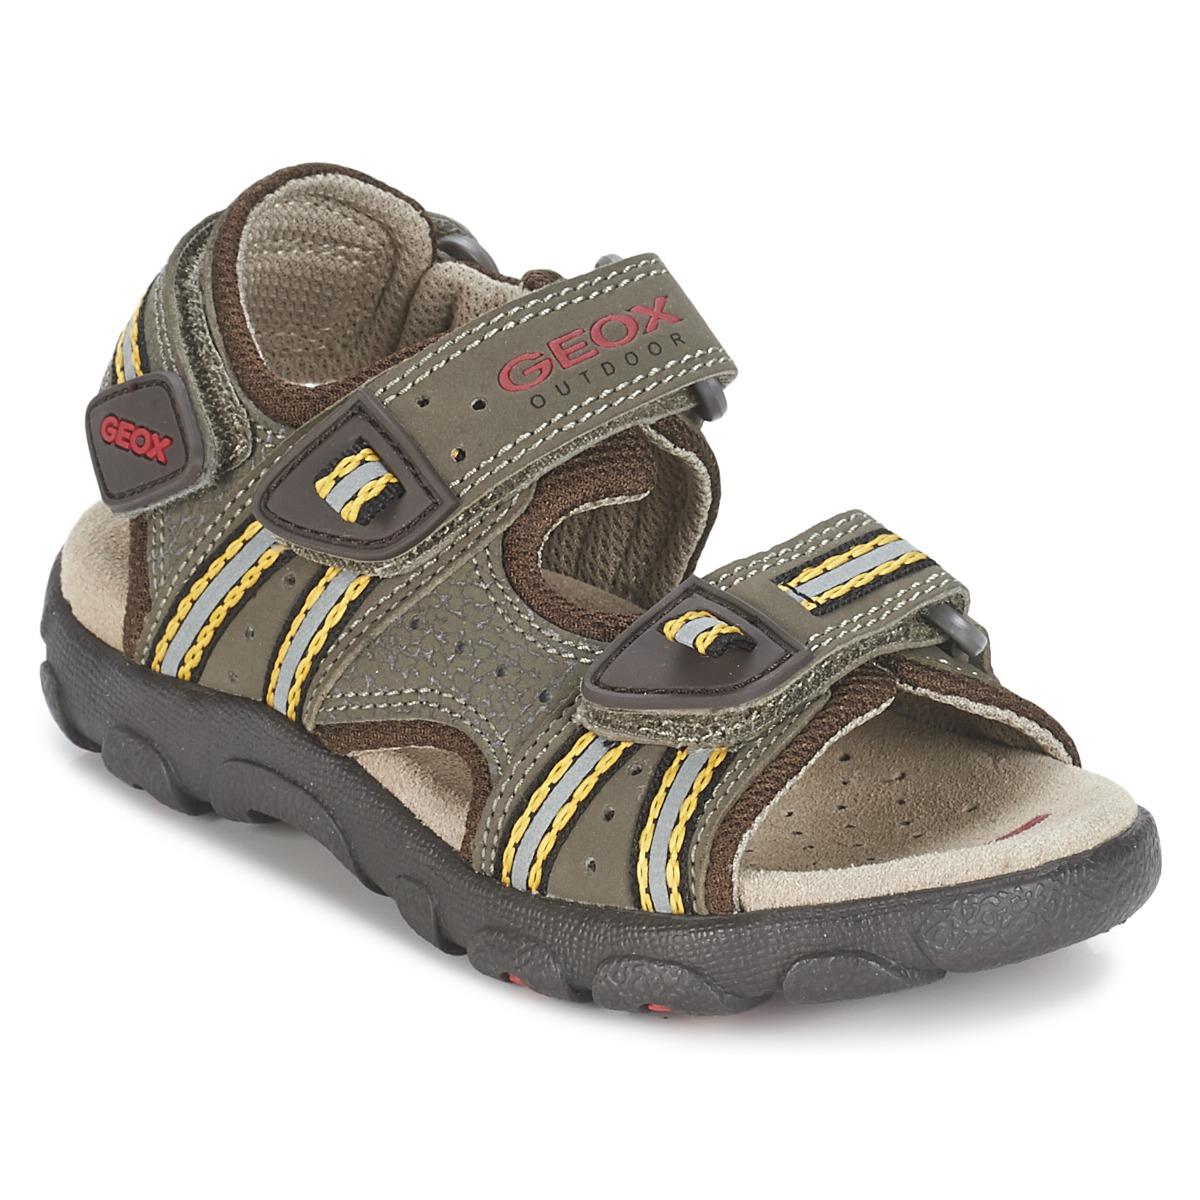 geox s strada a marron ocre livraison gratuite avec chaussures sandale. Black Bedroom Furniture Sets. Home Design Ideas